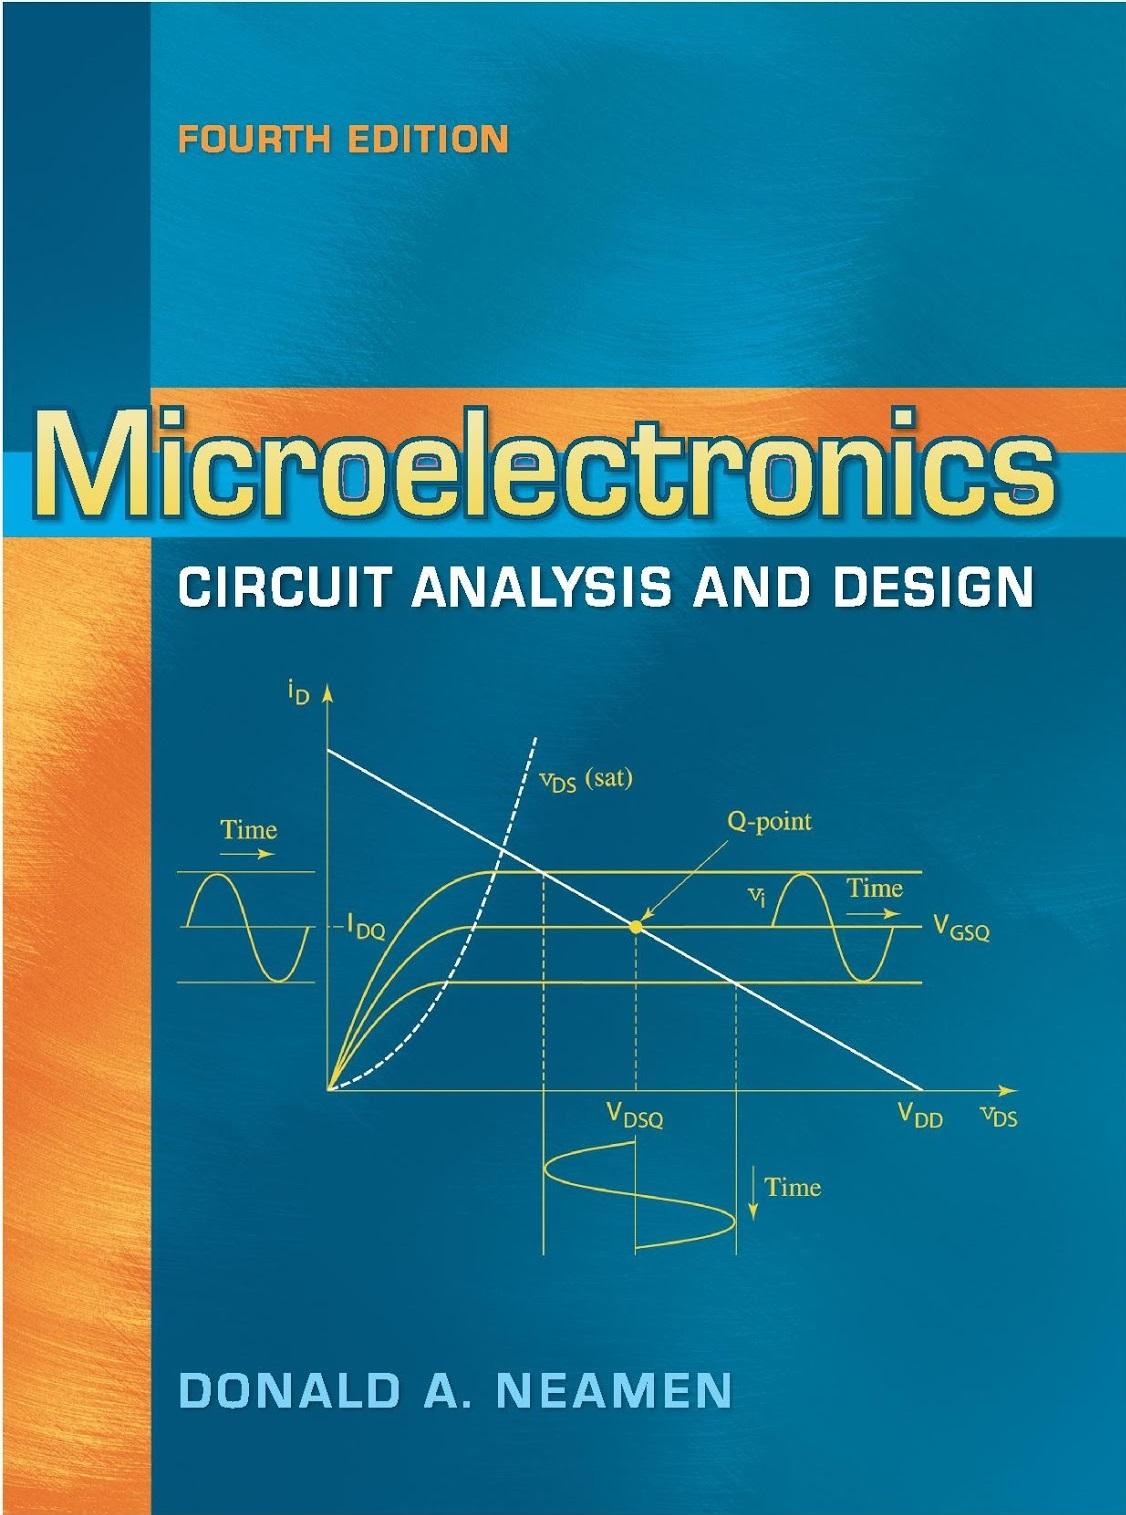 pdf] microelectronics circuit analysis and design by donald neamen[pdf] microelectronics circuit analysis and design by donald neamen book free download \u2013 easyengineering